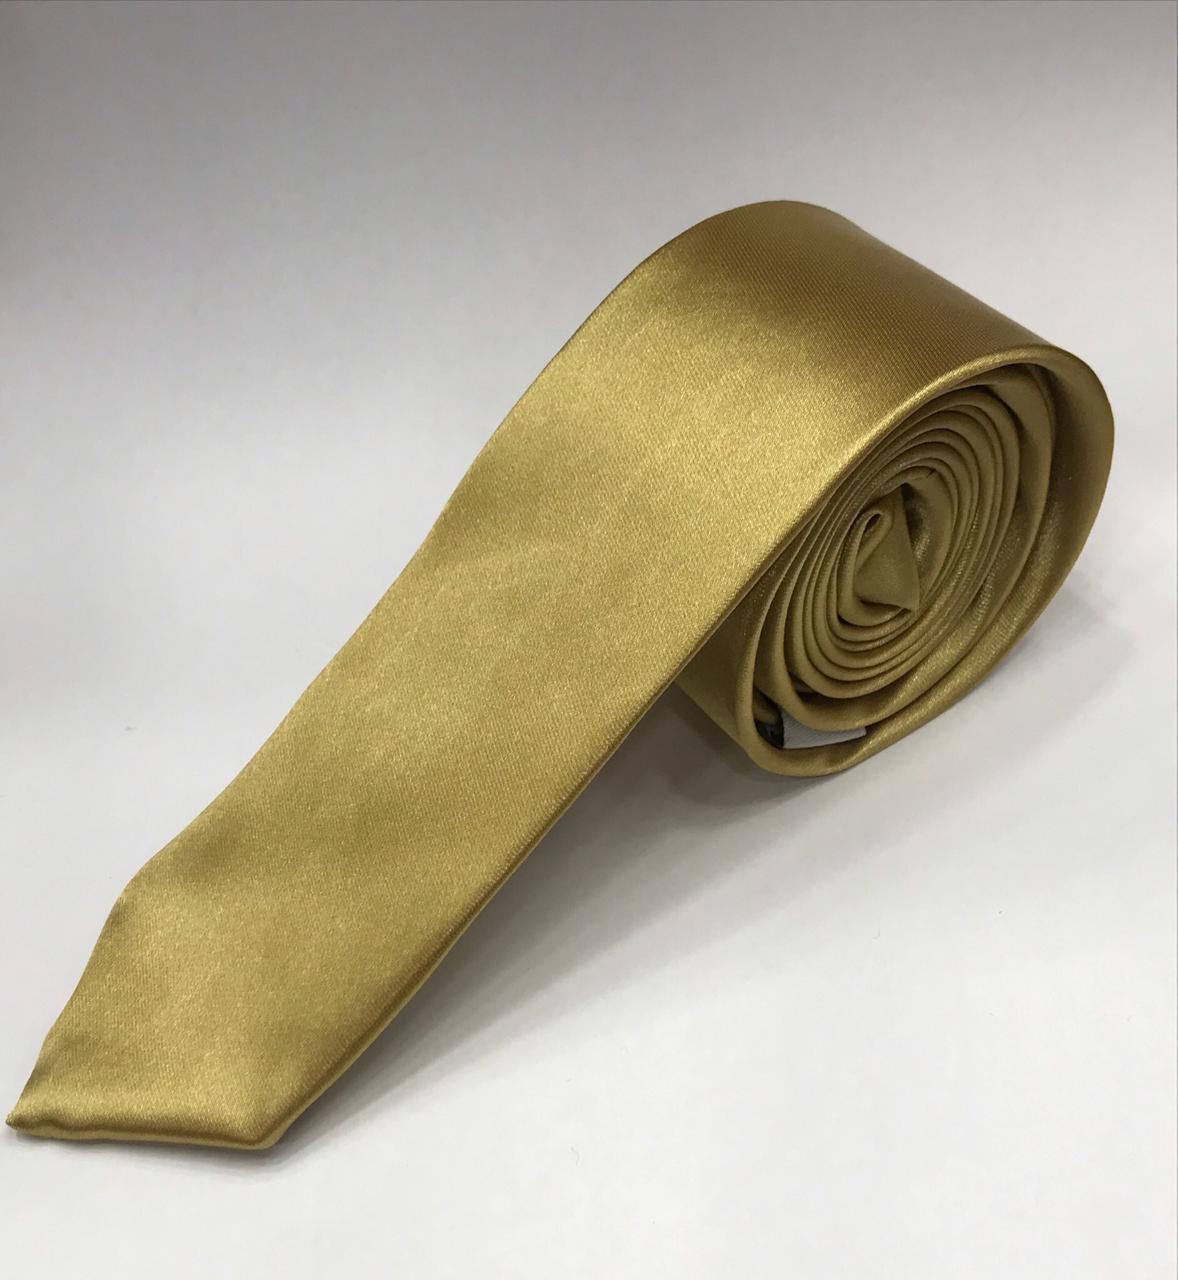 Gravata Dourada - Ouro em atacado